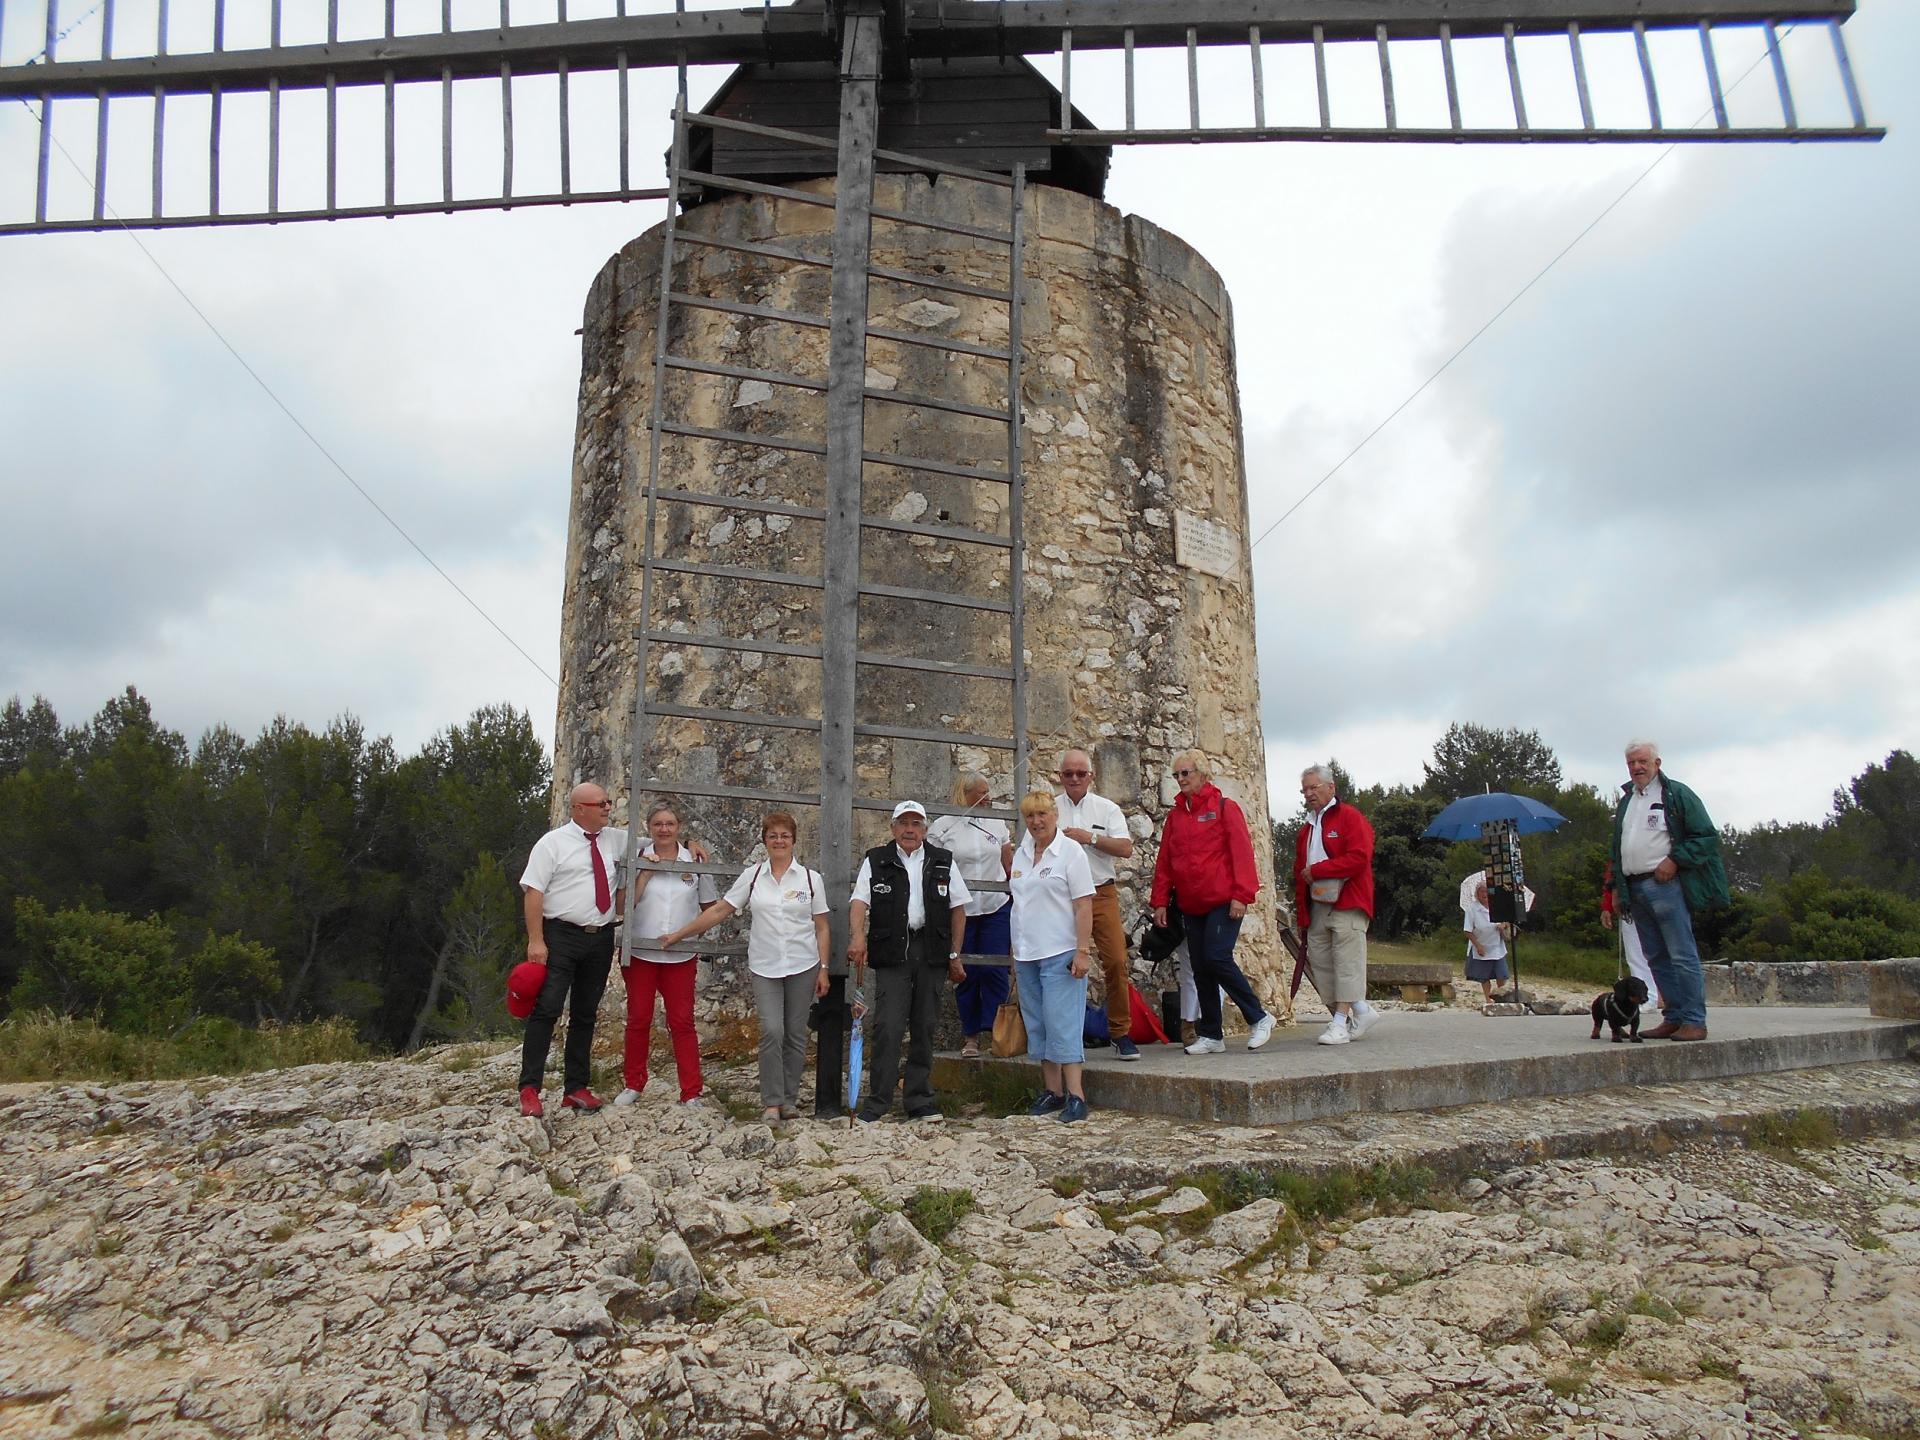 Jeudi 7 juin - Moulin de Daudet